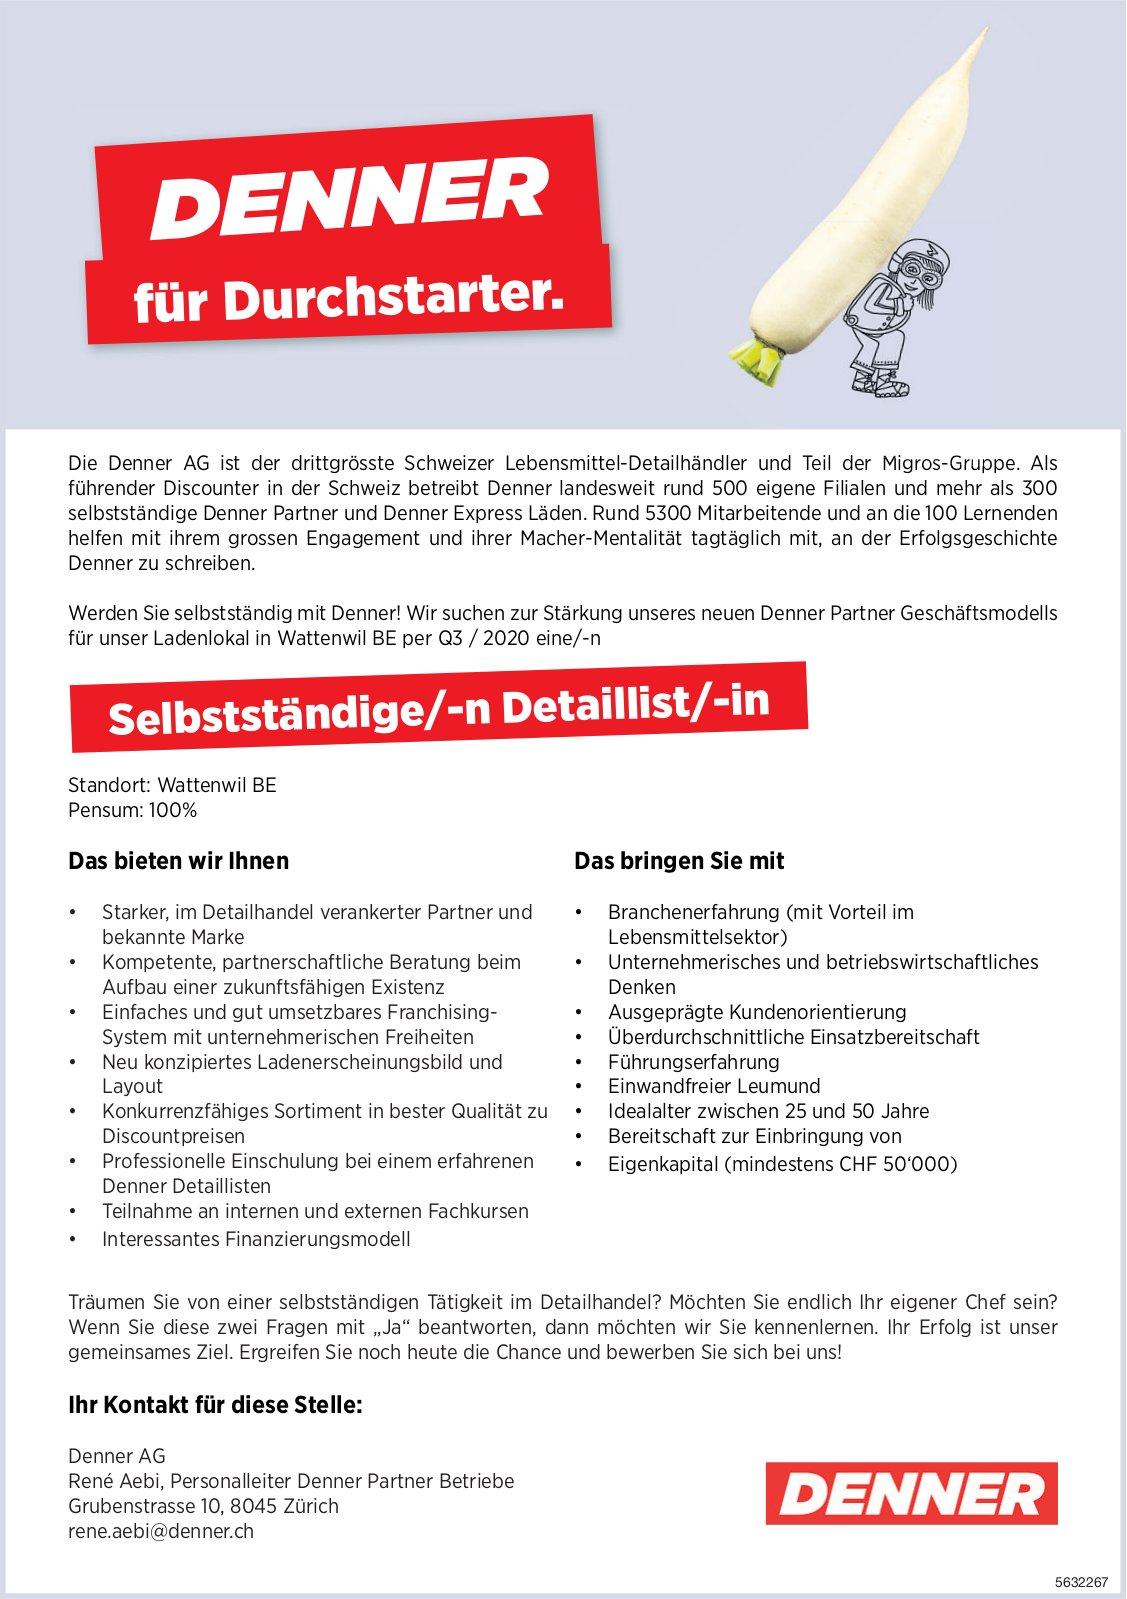 Selbstständige/-n Detaillist/-in, Denner AG, Wattenwil, gesucht